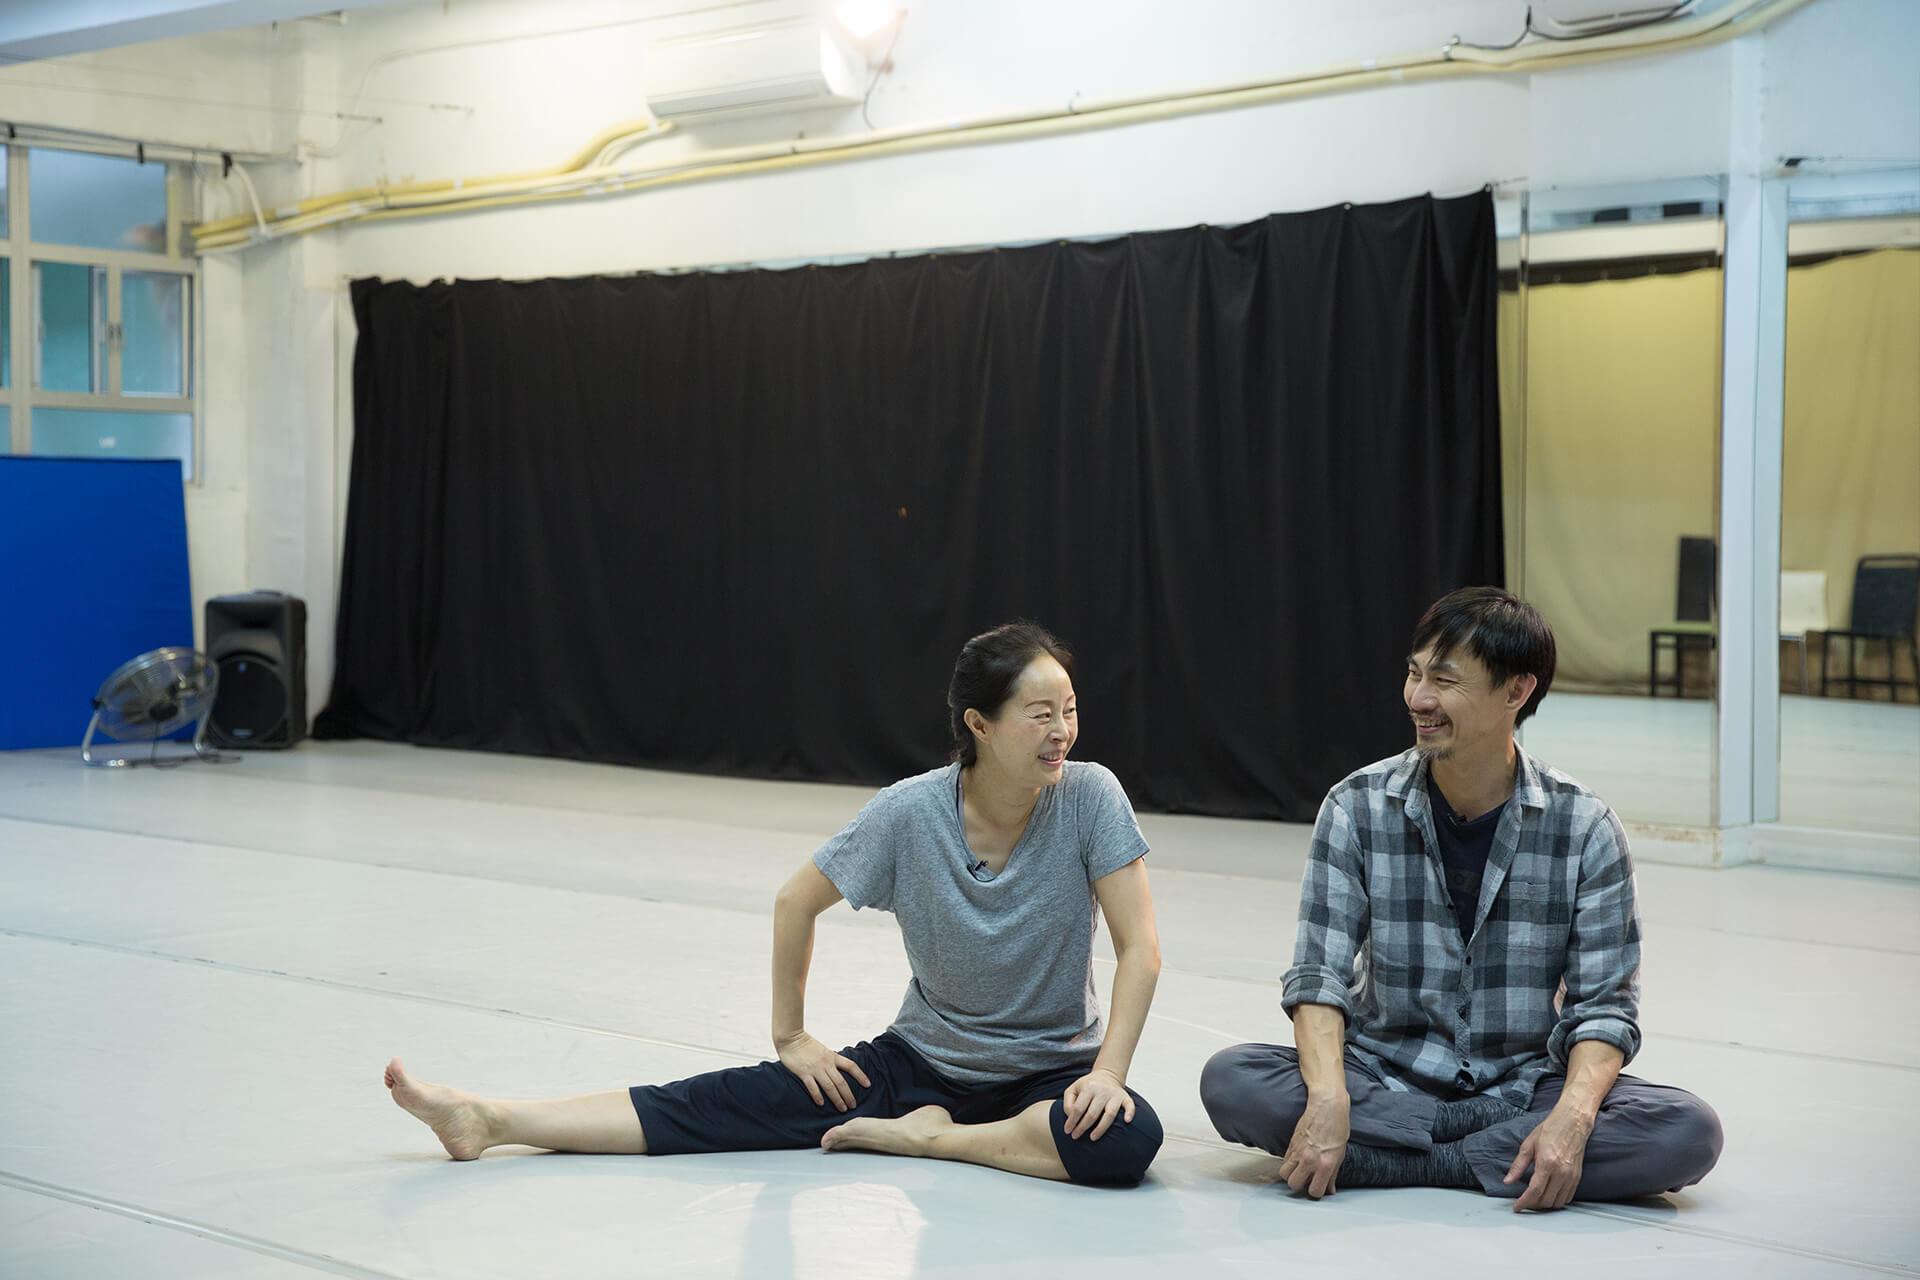 不再是年輕舞者,怎樣跳一齣沒有高難度動作的雙人舞,是一道新課題。